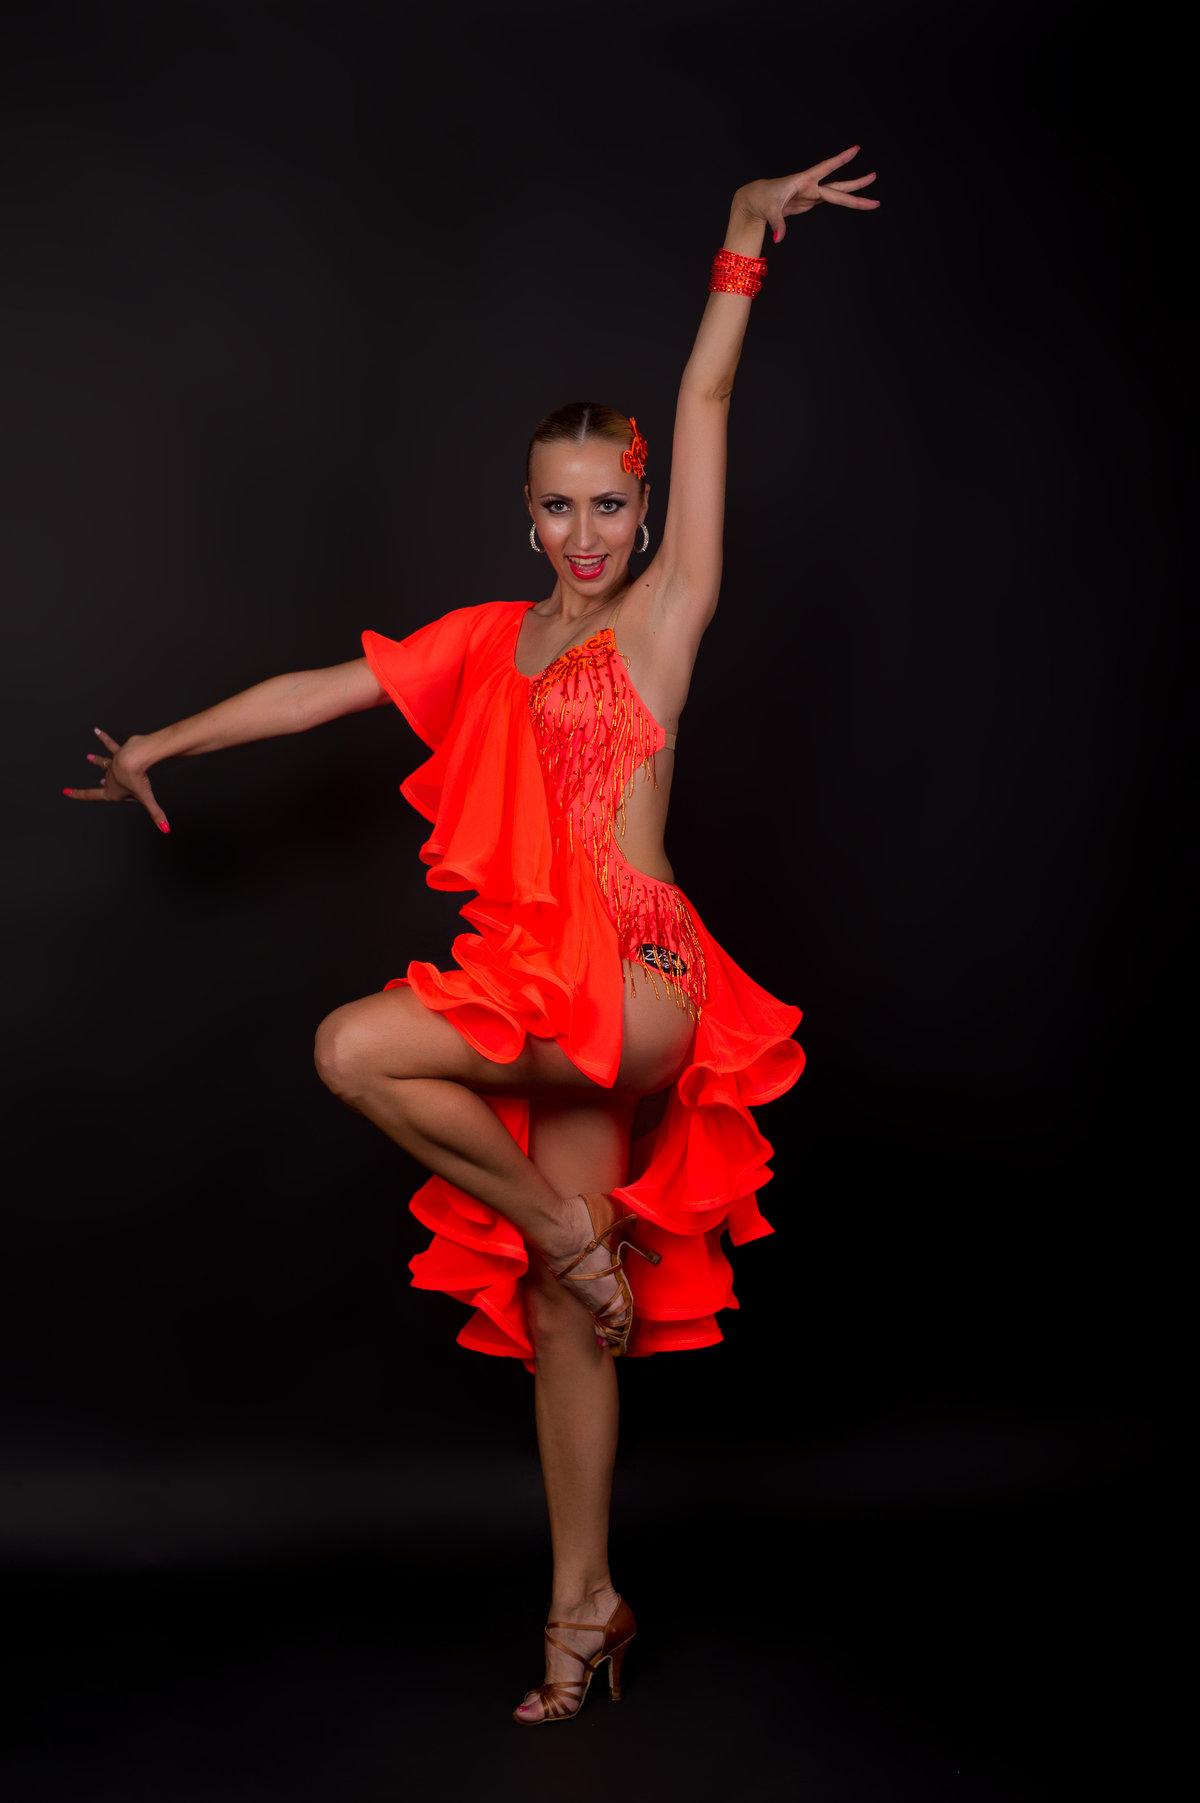 фото танцовщиц бальных танцев нравится мне